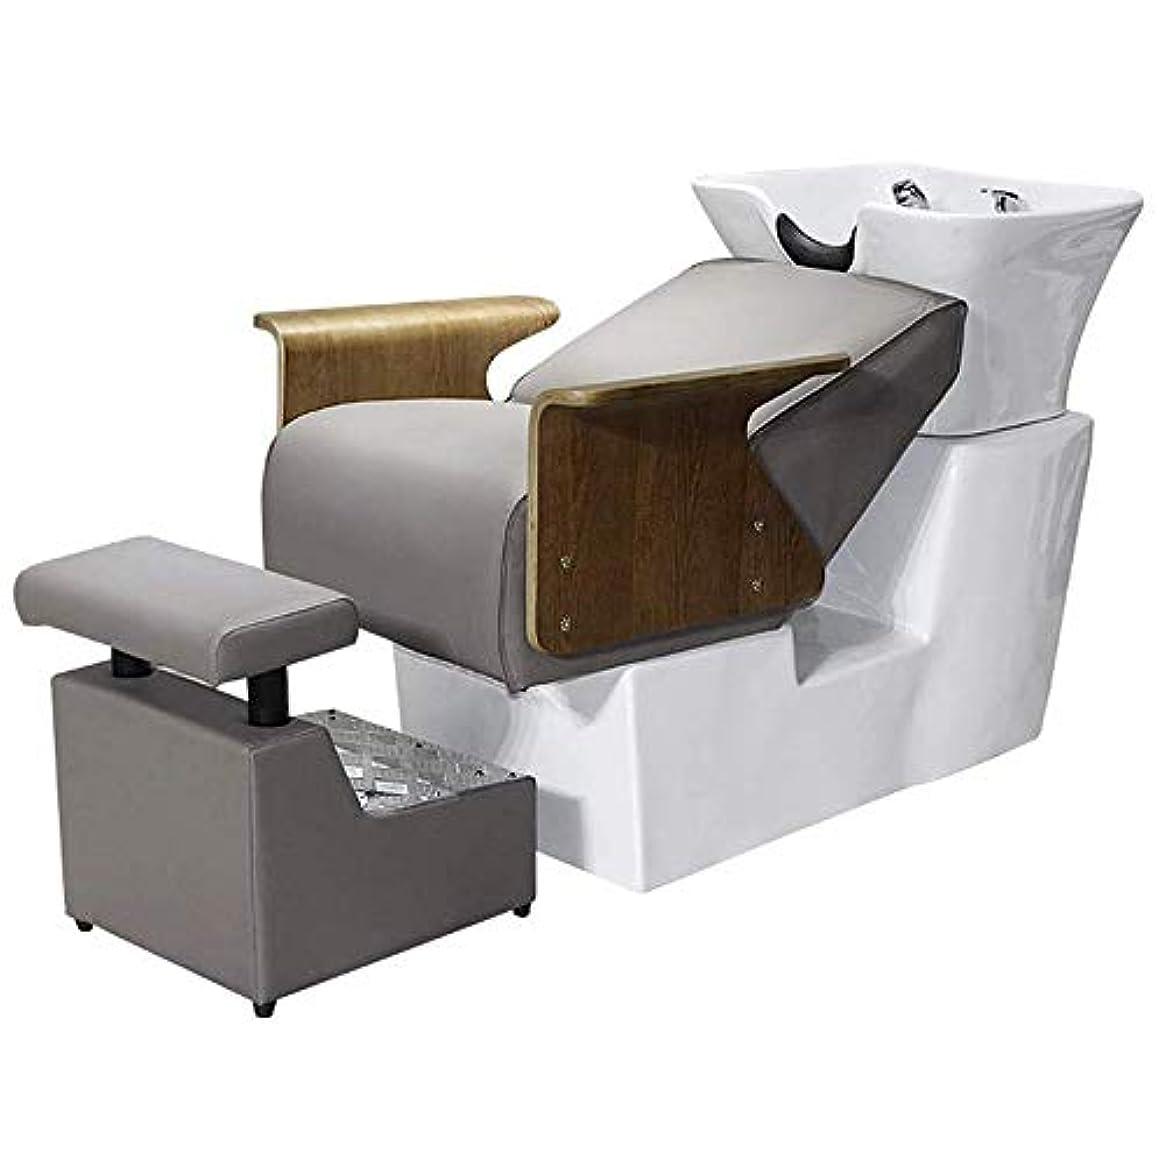 亡命スチュアート島同一のサロン用シャンプー椅子とボウル、 セラミック洗面器シャンプーベッド逆洗ユニットシャンプーボウル理髪シンク椅子用スパビューティーサロン機器